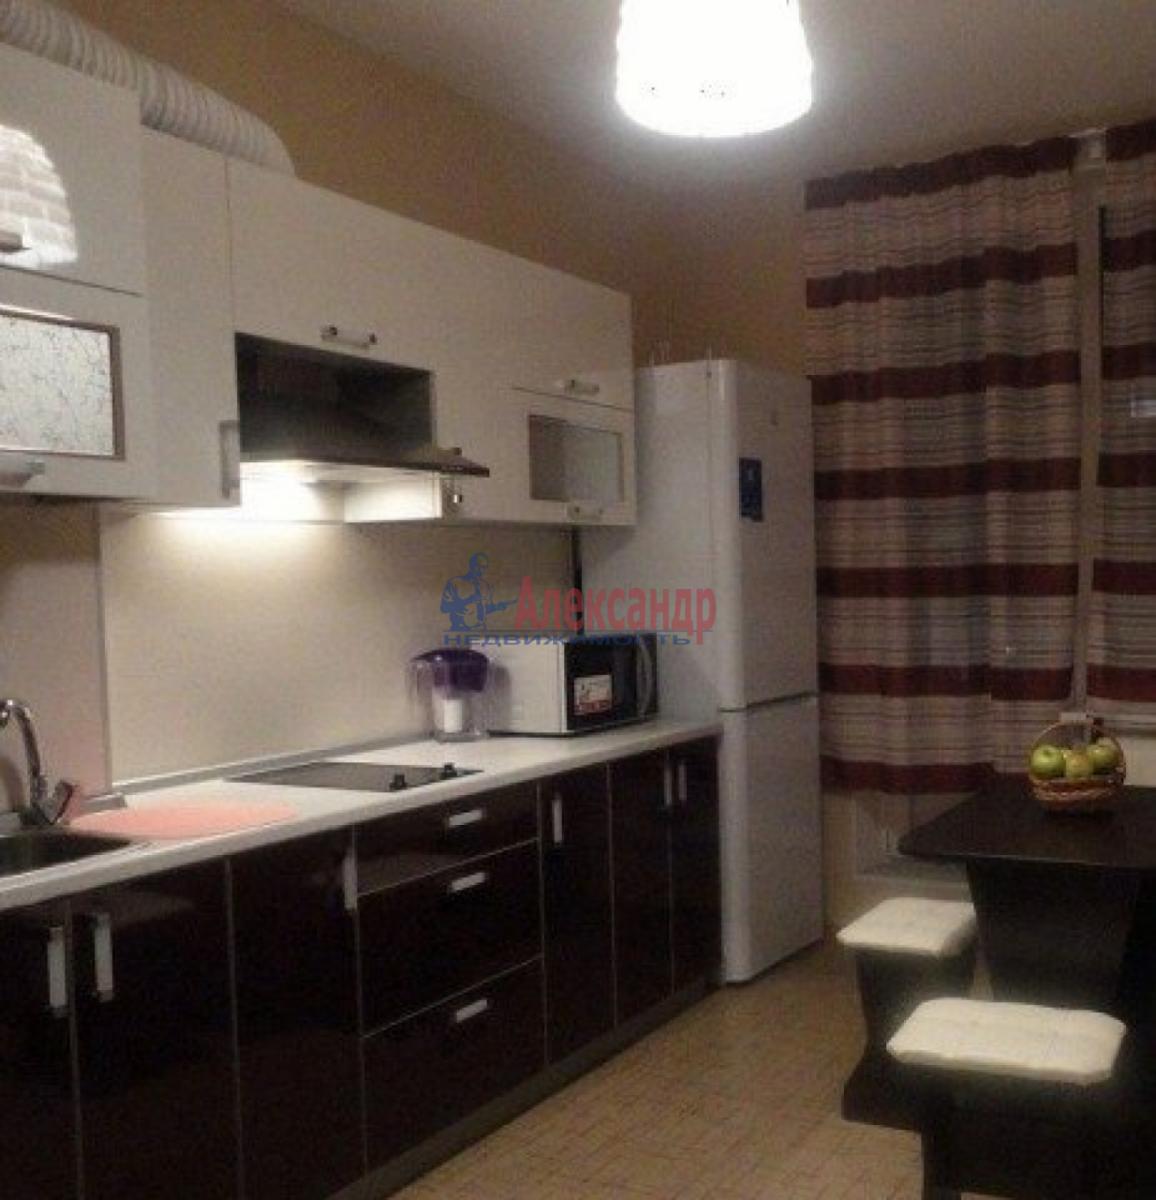 1-комнатная квартира (37м2) в аренду по адресу Славы пр., 55— фото 1 из 3